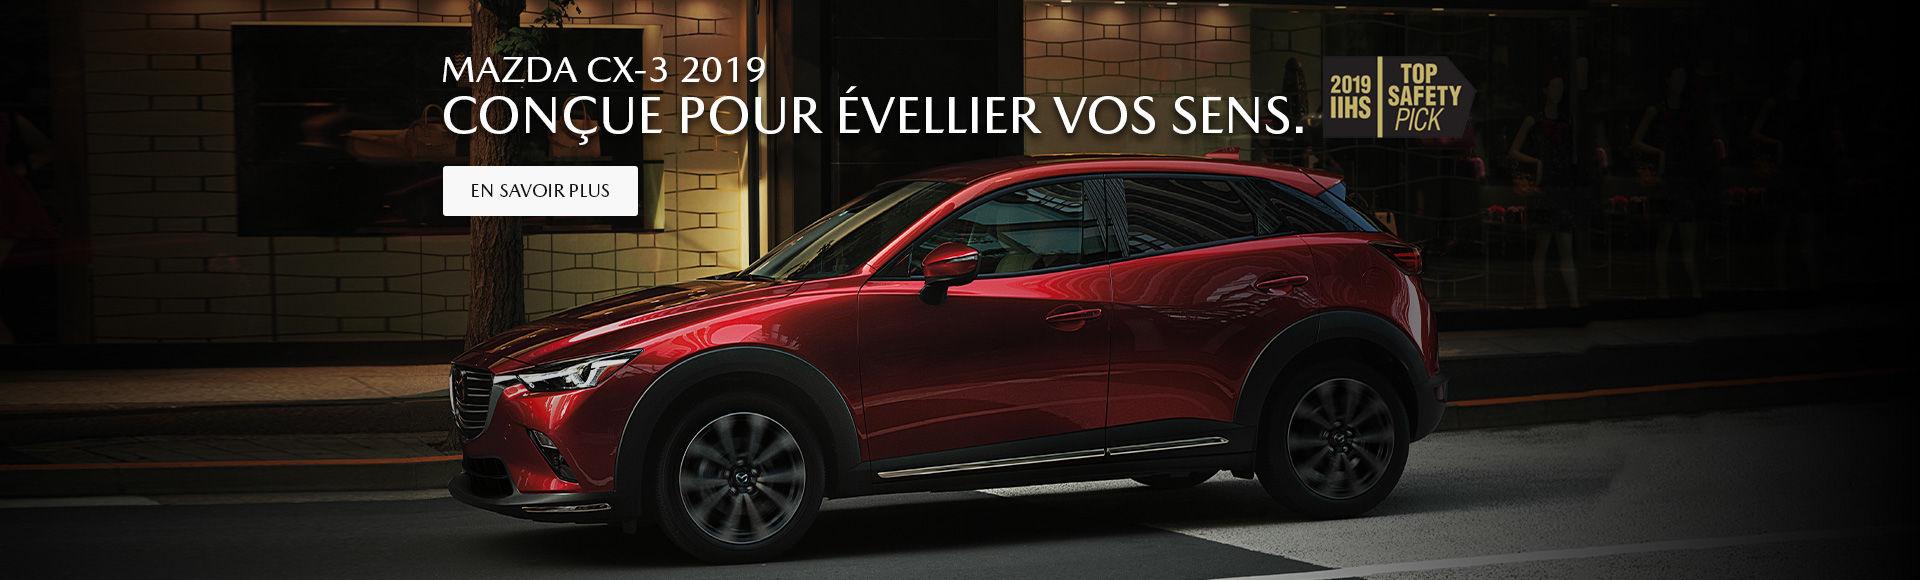 Mazda CX-3 2019 Baie-Comeau Mazda